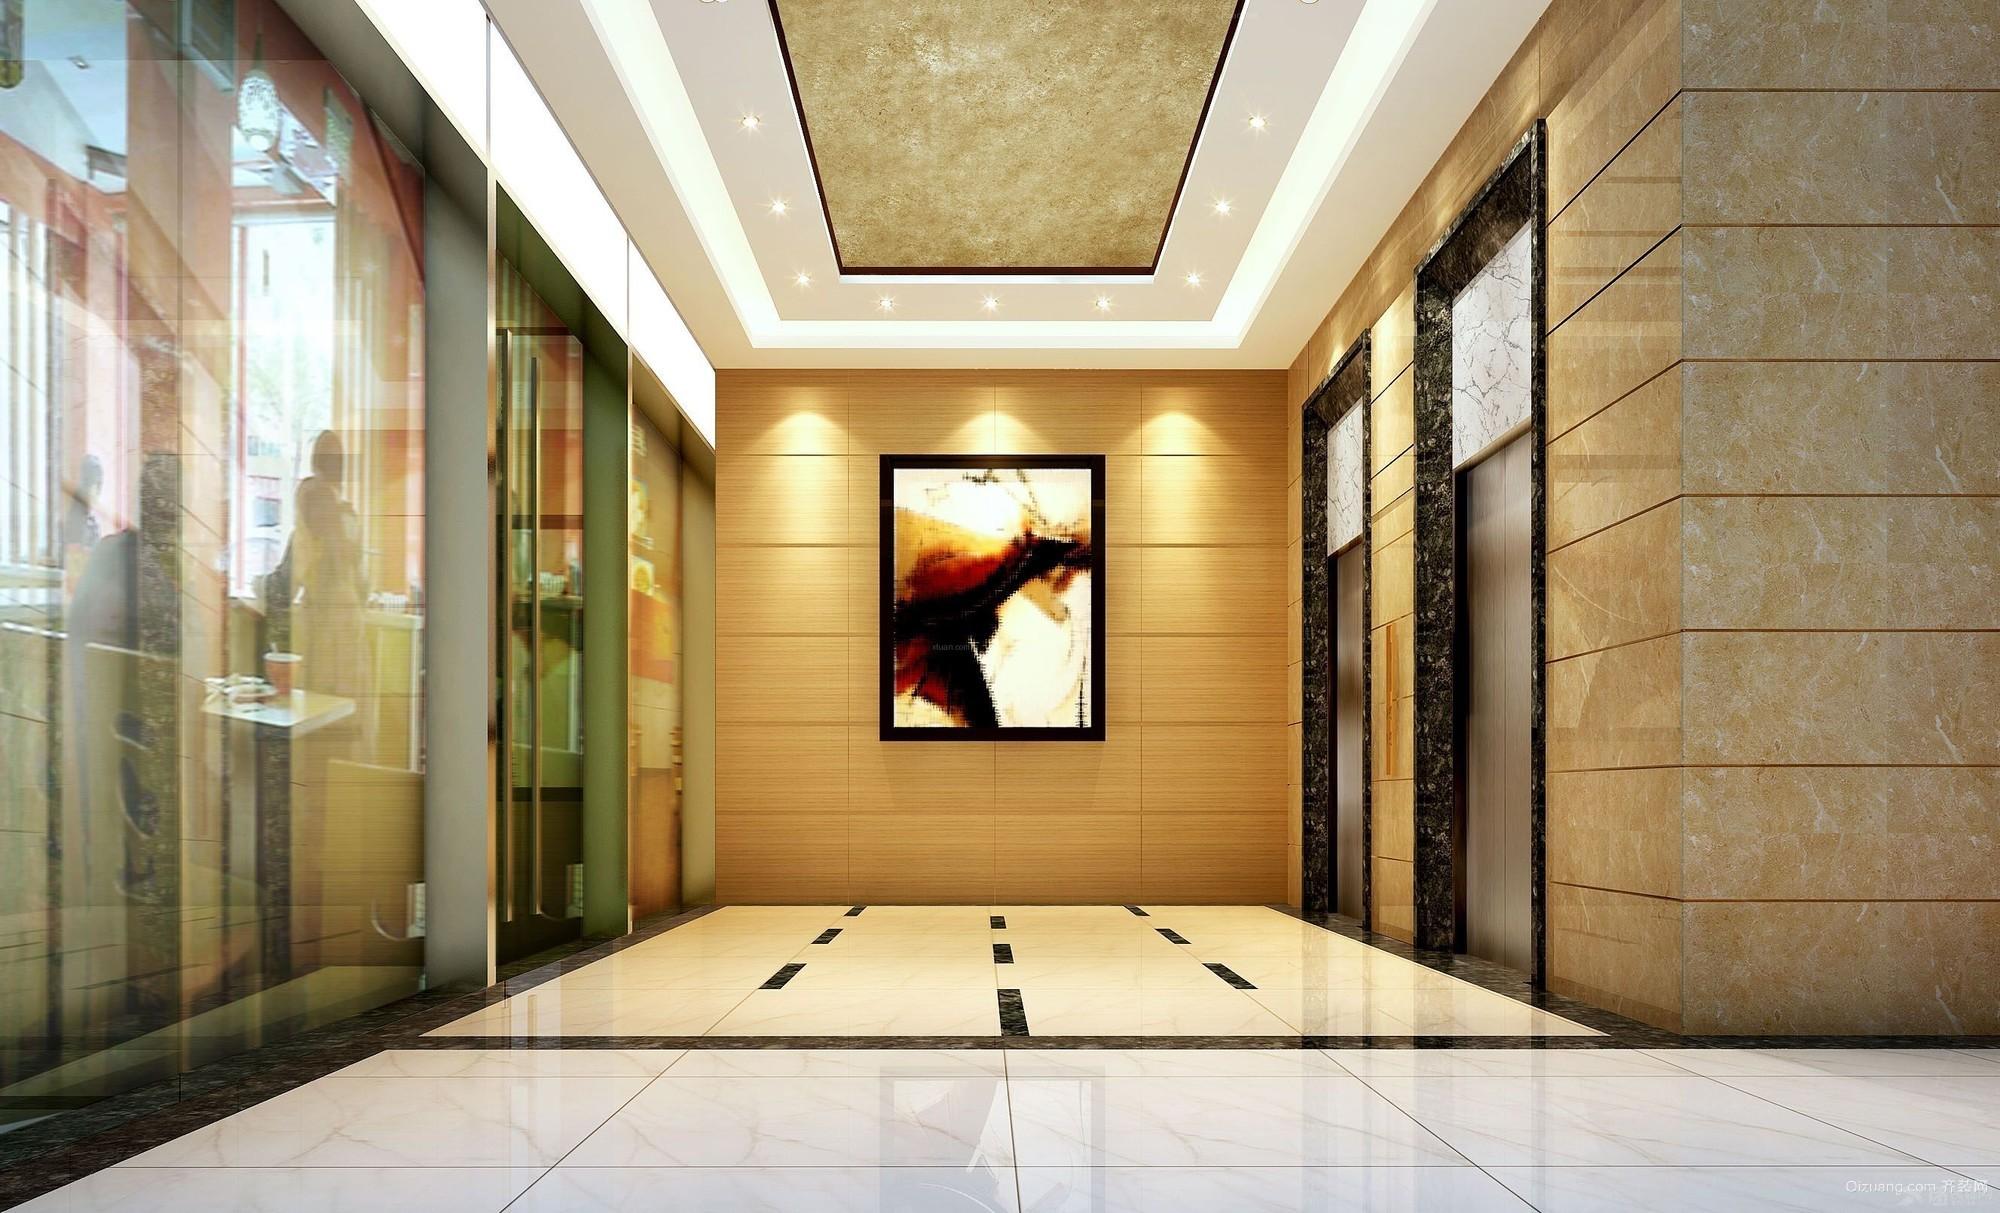 龙源宾馆电梯大堂现代简约装修效果图实景图